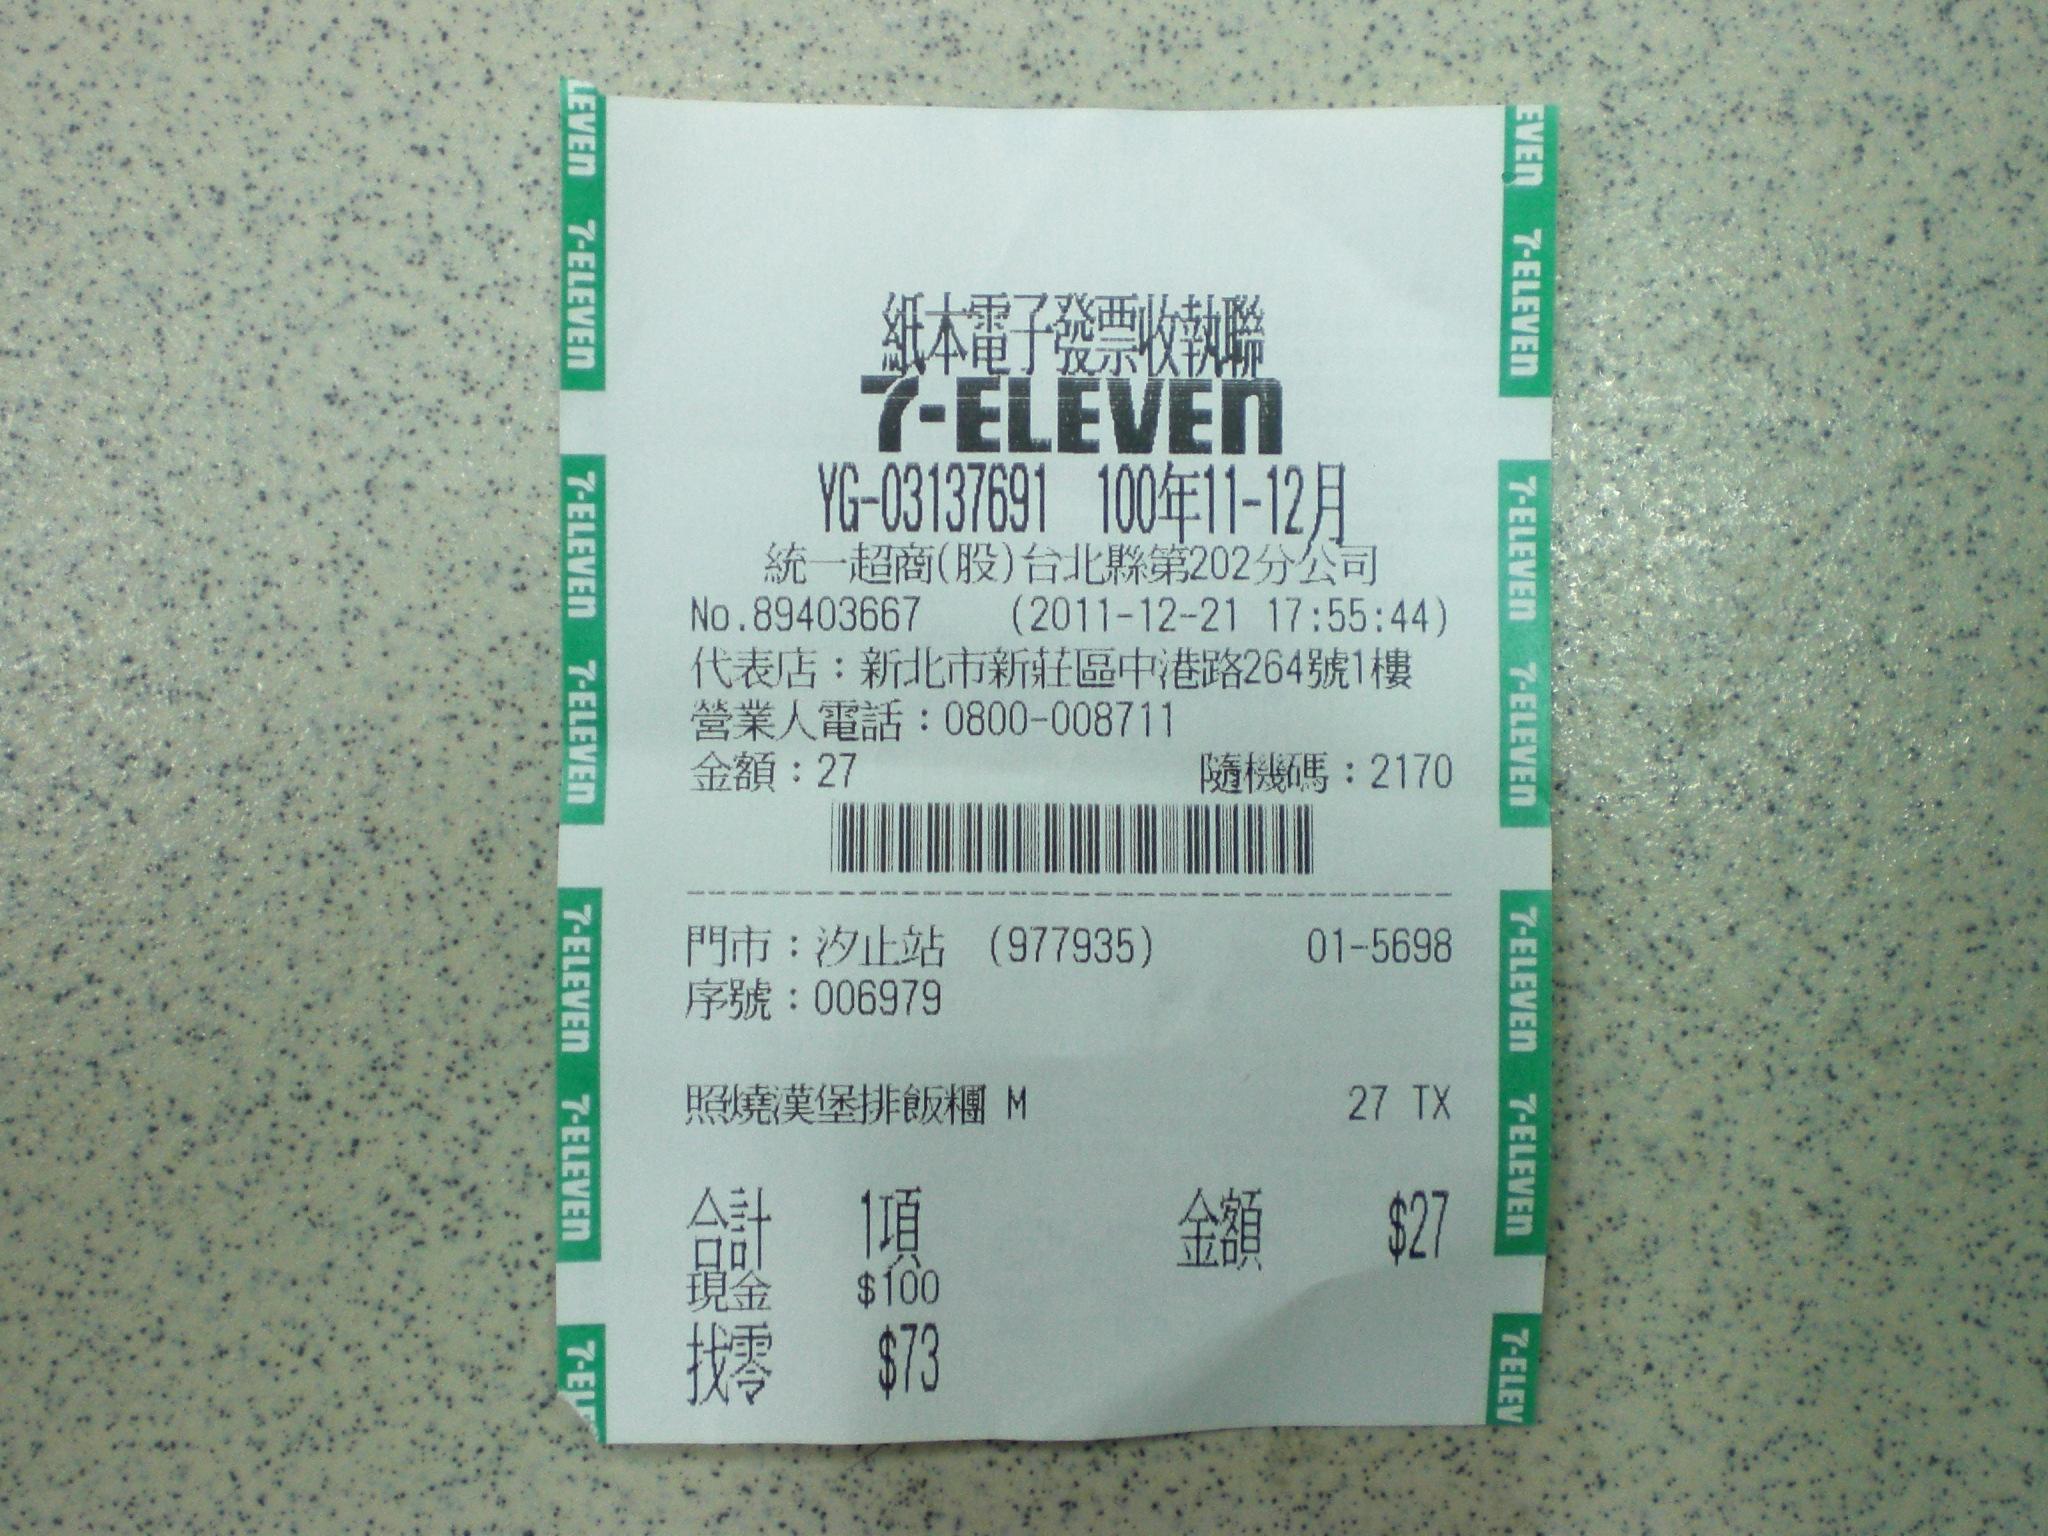 Taiwan_7-Eleven_e-invoice_2011-12-21